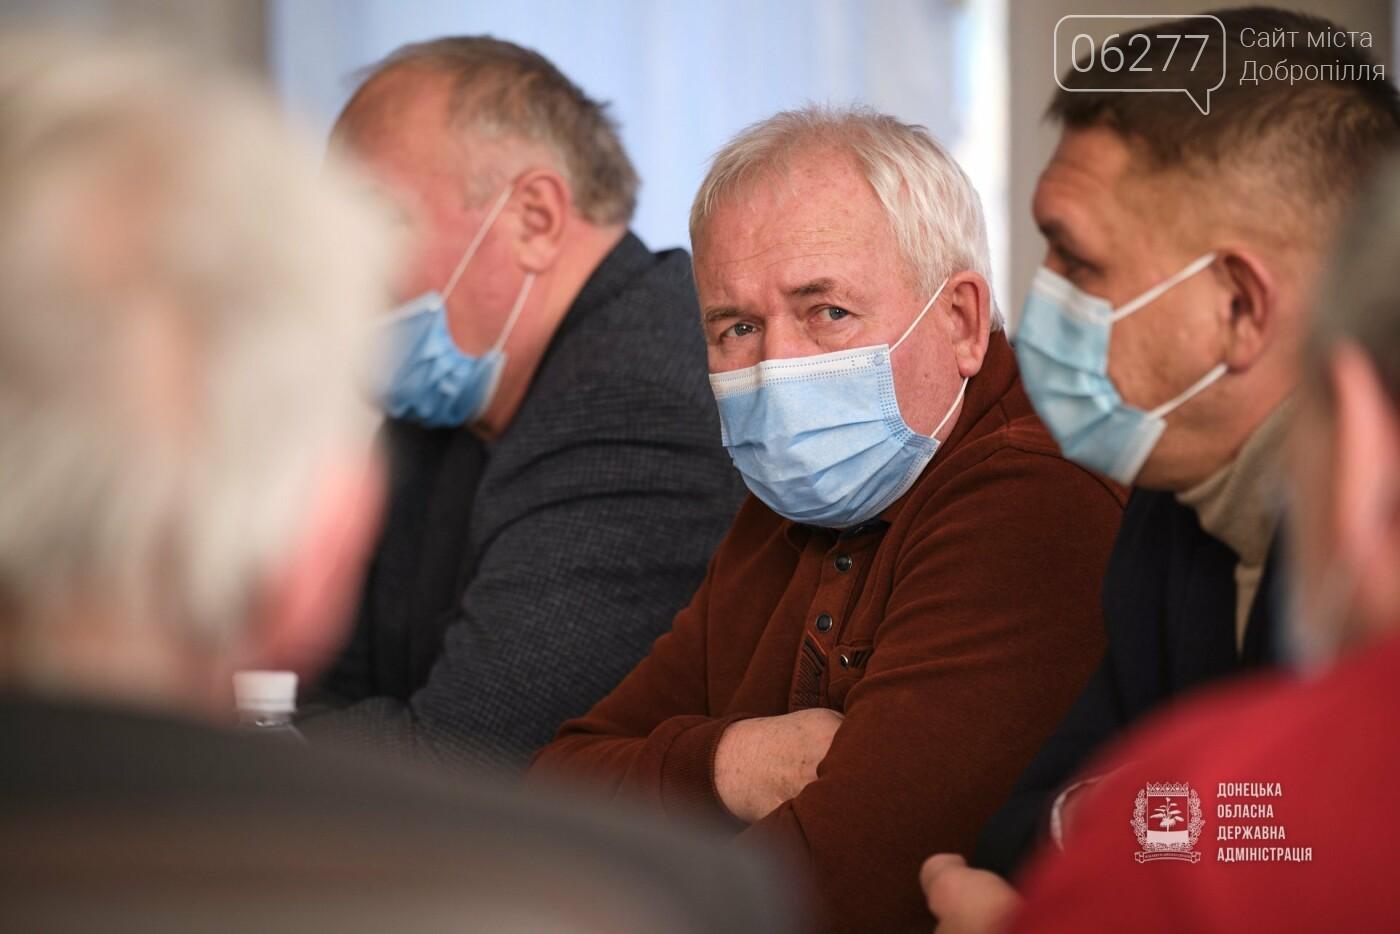 Близько 700 мільйонів гривень має надійти на шахти Донеччини для погашення заборгованості із зарплати, фото-5